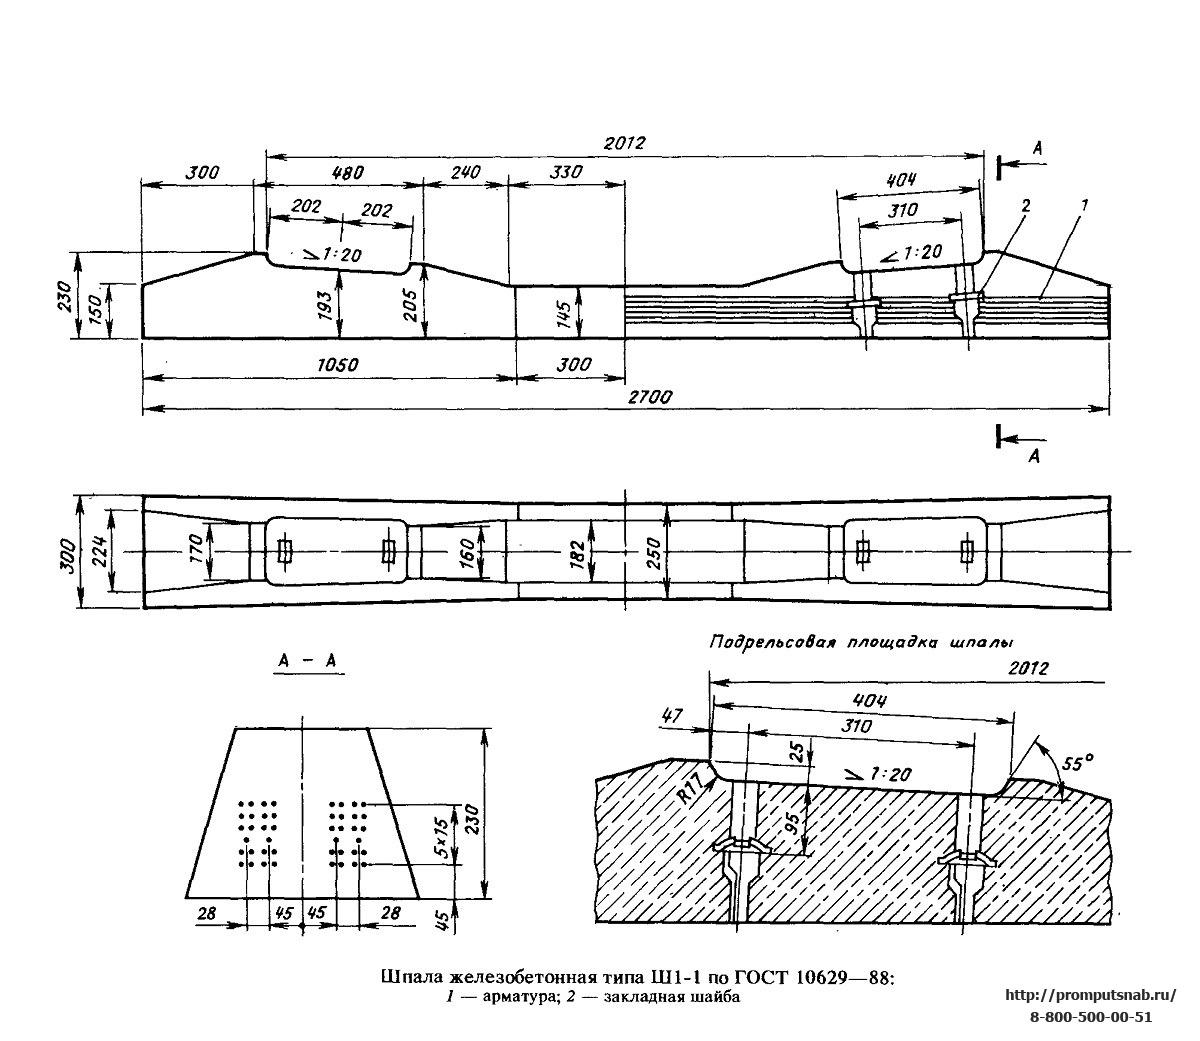 Вес деревянной шпалы железнодорожной пропитанной, размер стандартный 1 и 2 типа |